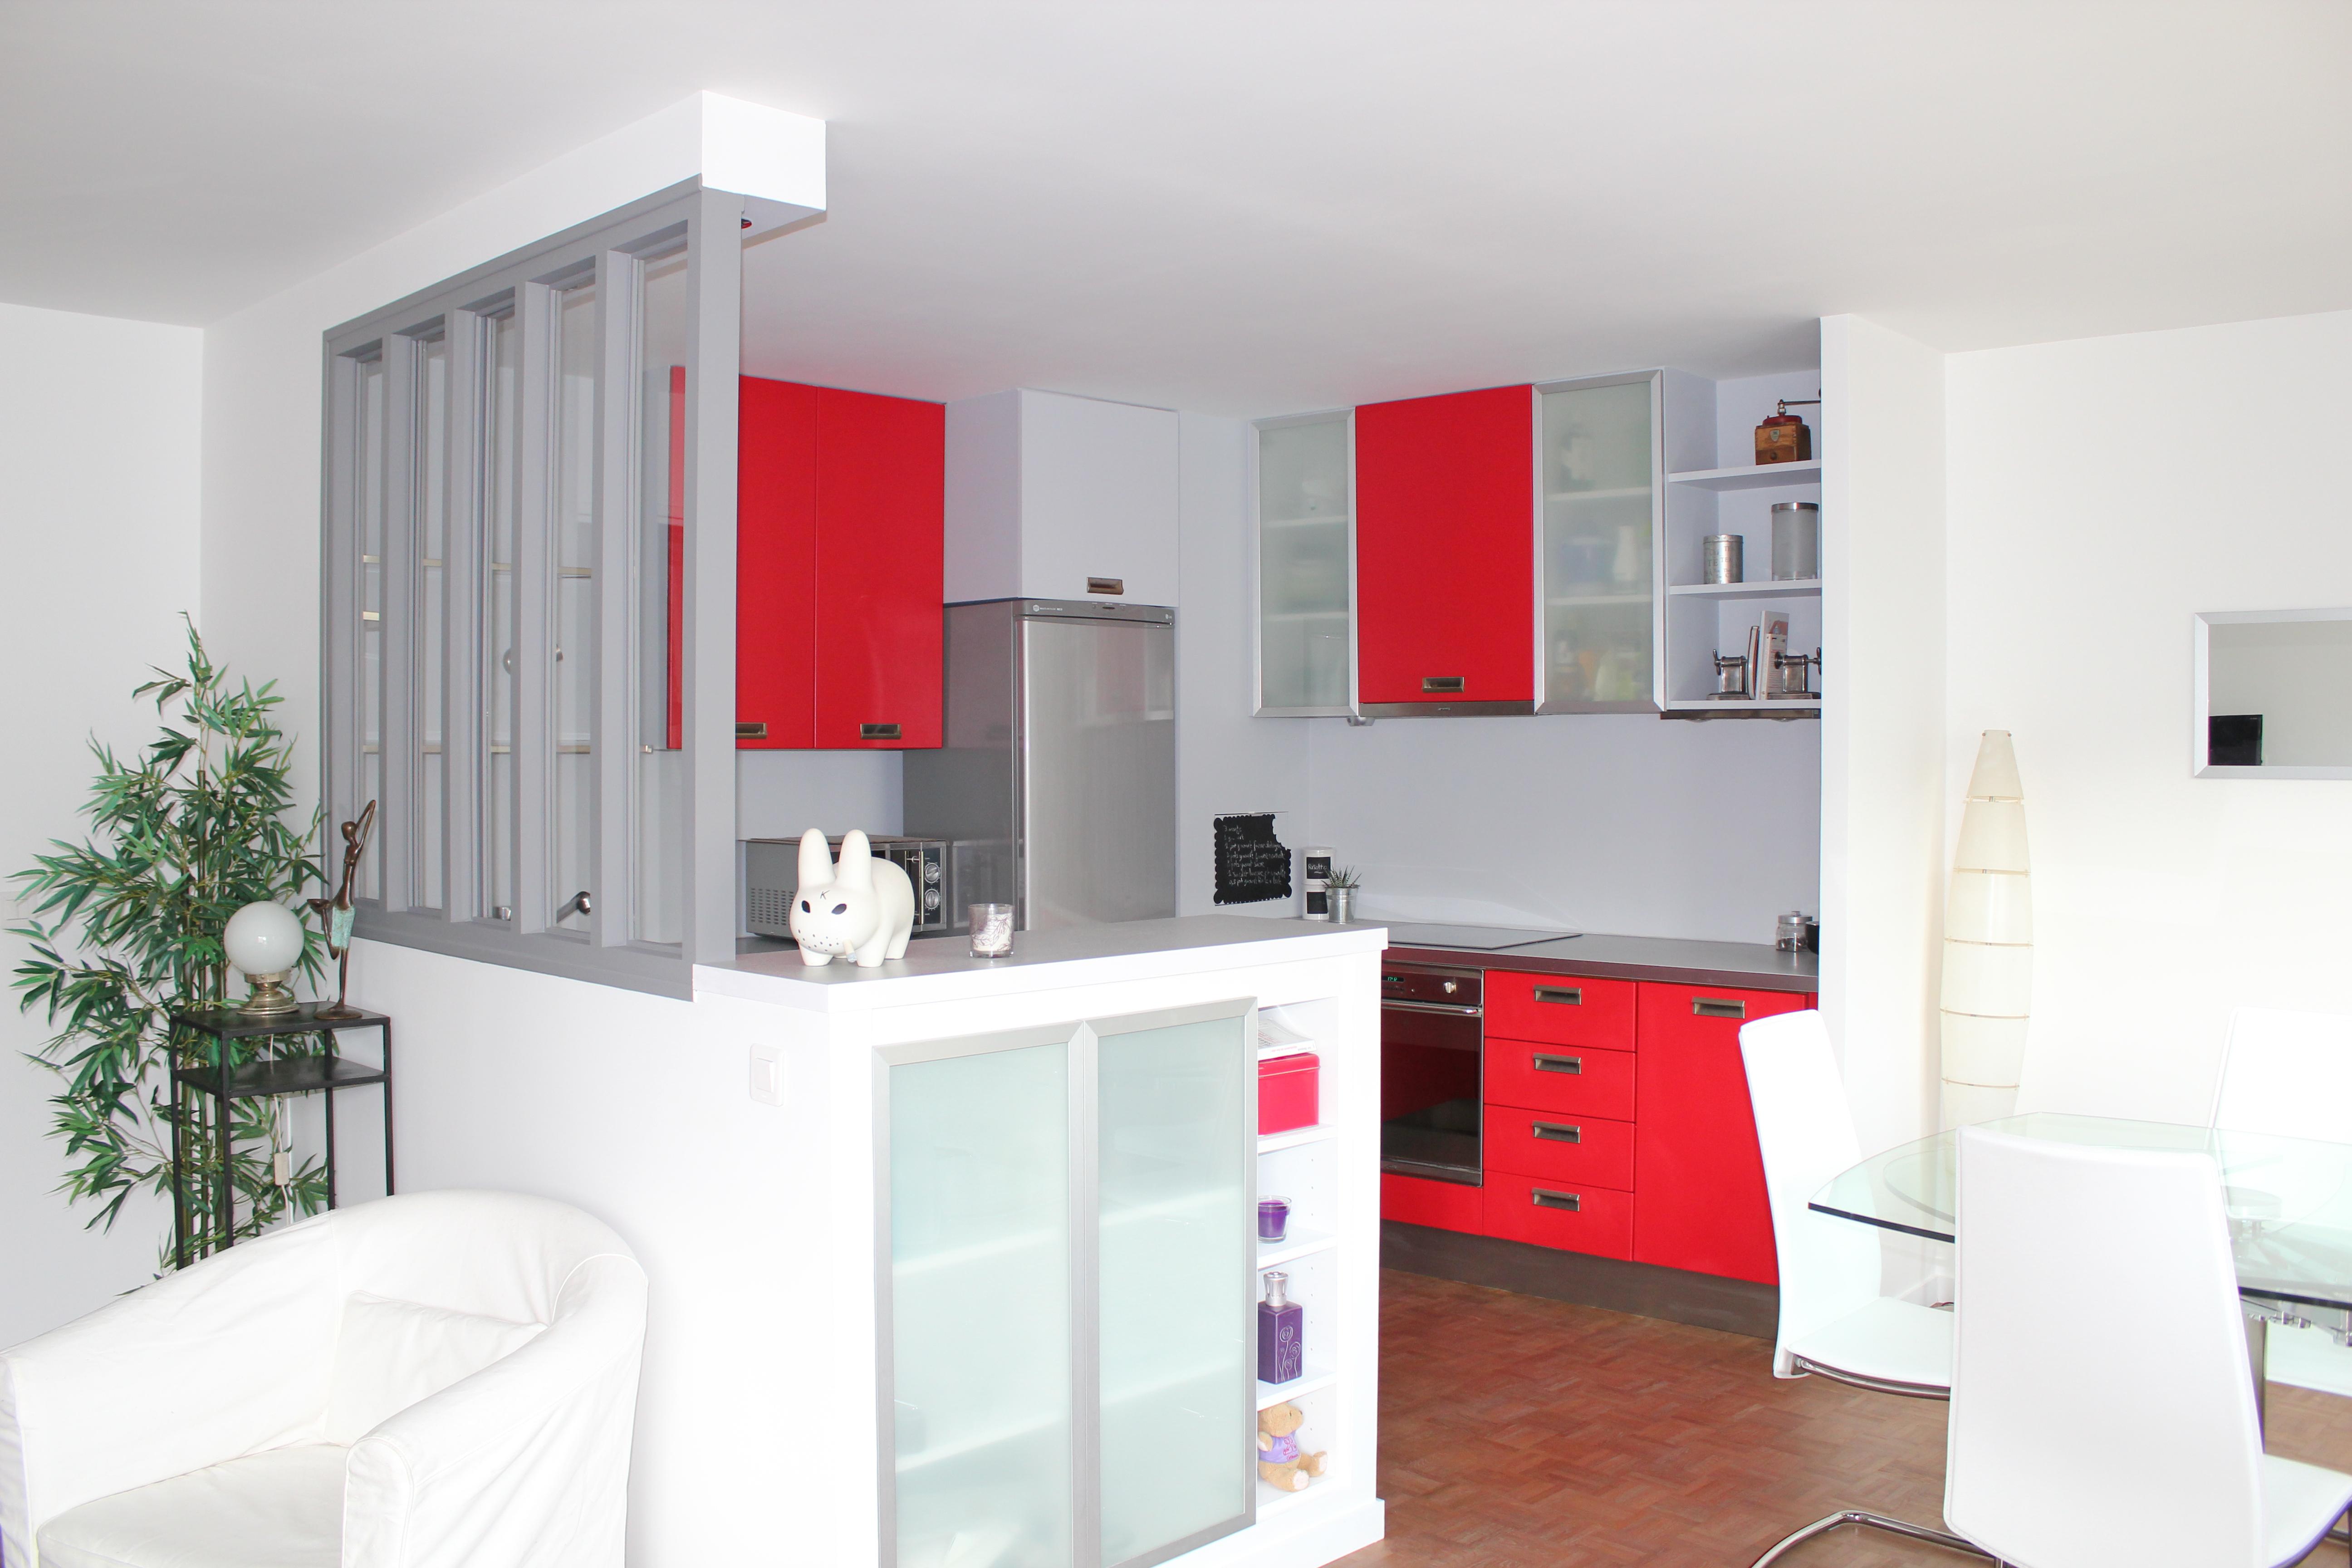 Bar de separation cuisine salon with bar de separation for Table haute separation cuisine salon